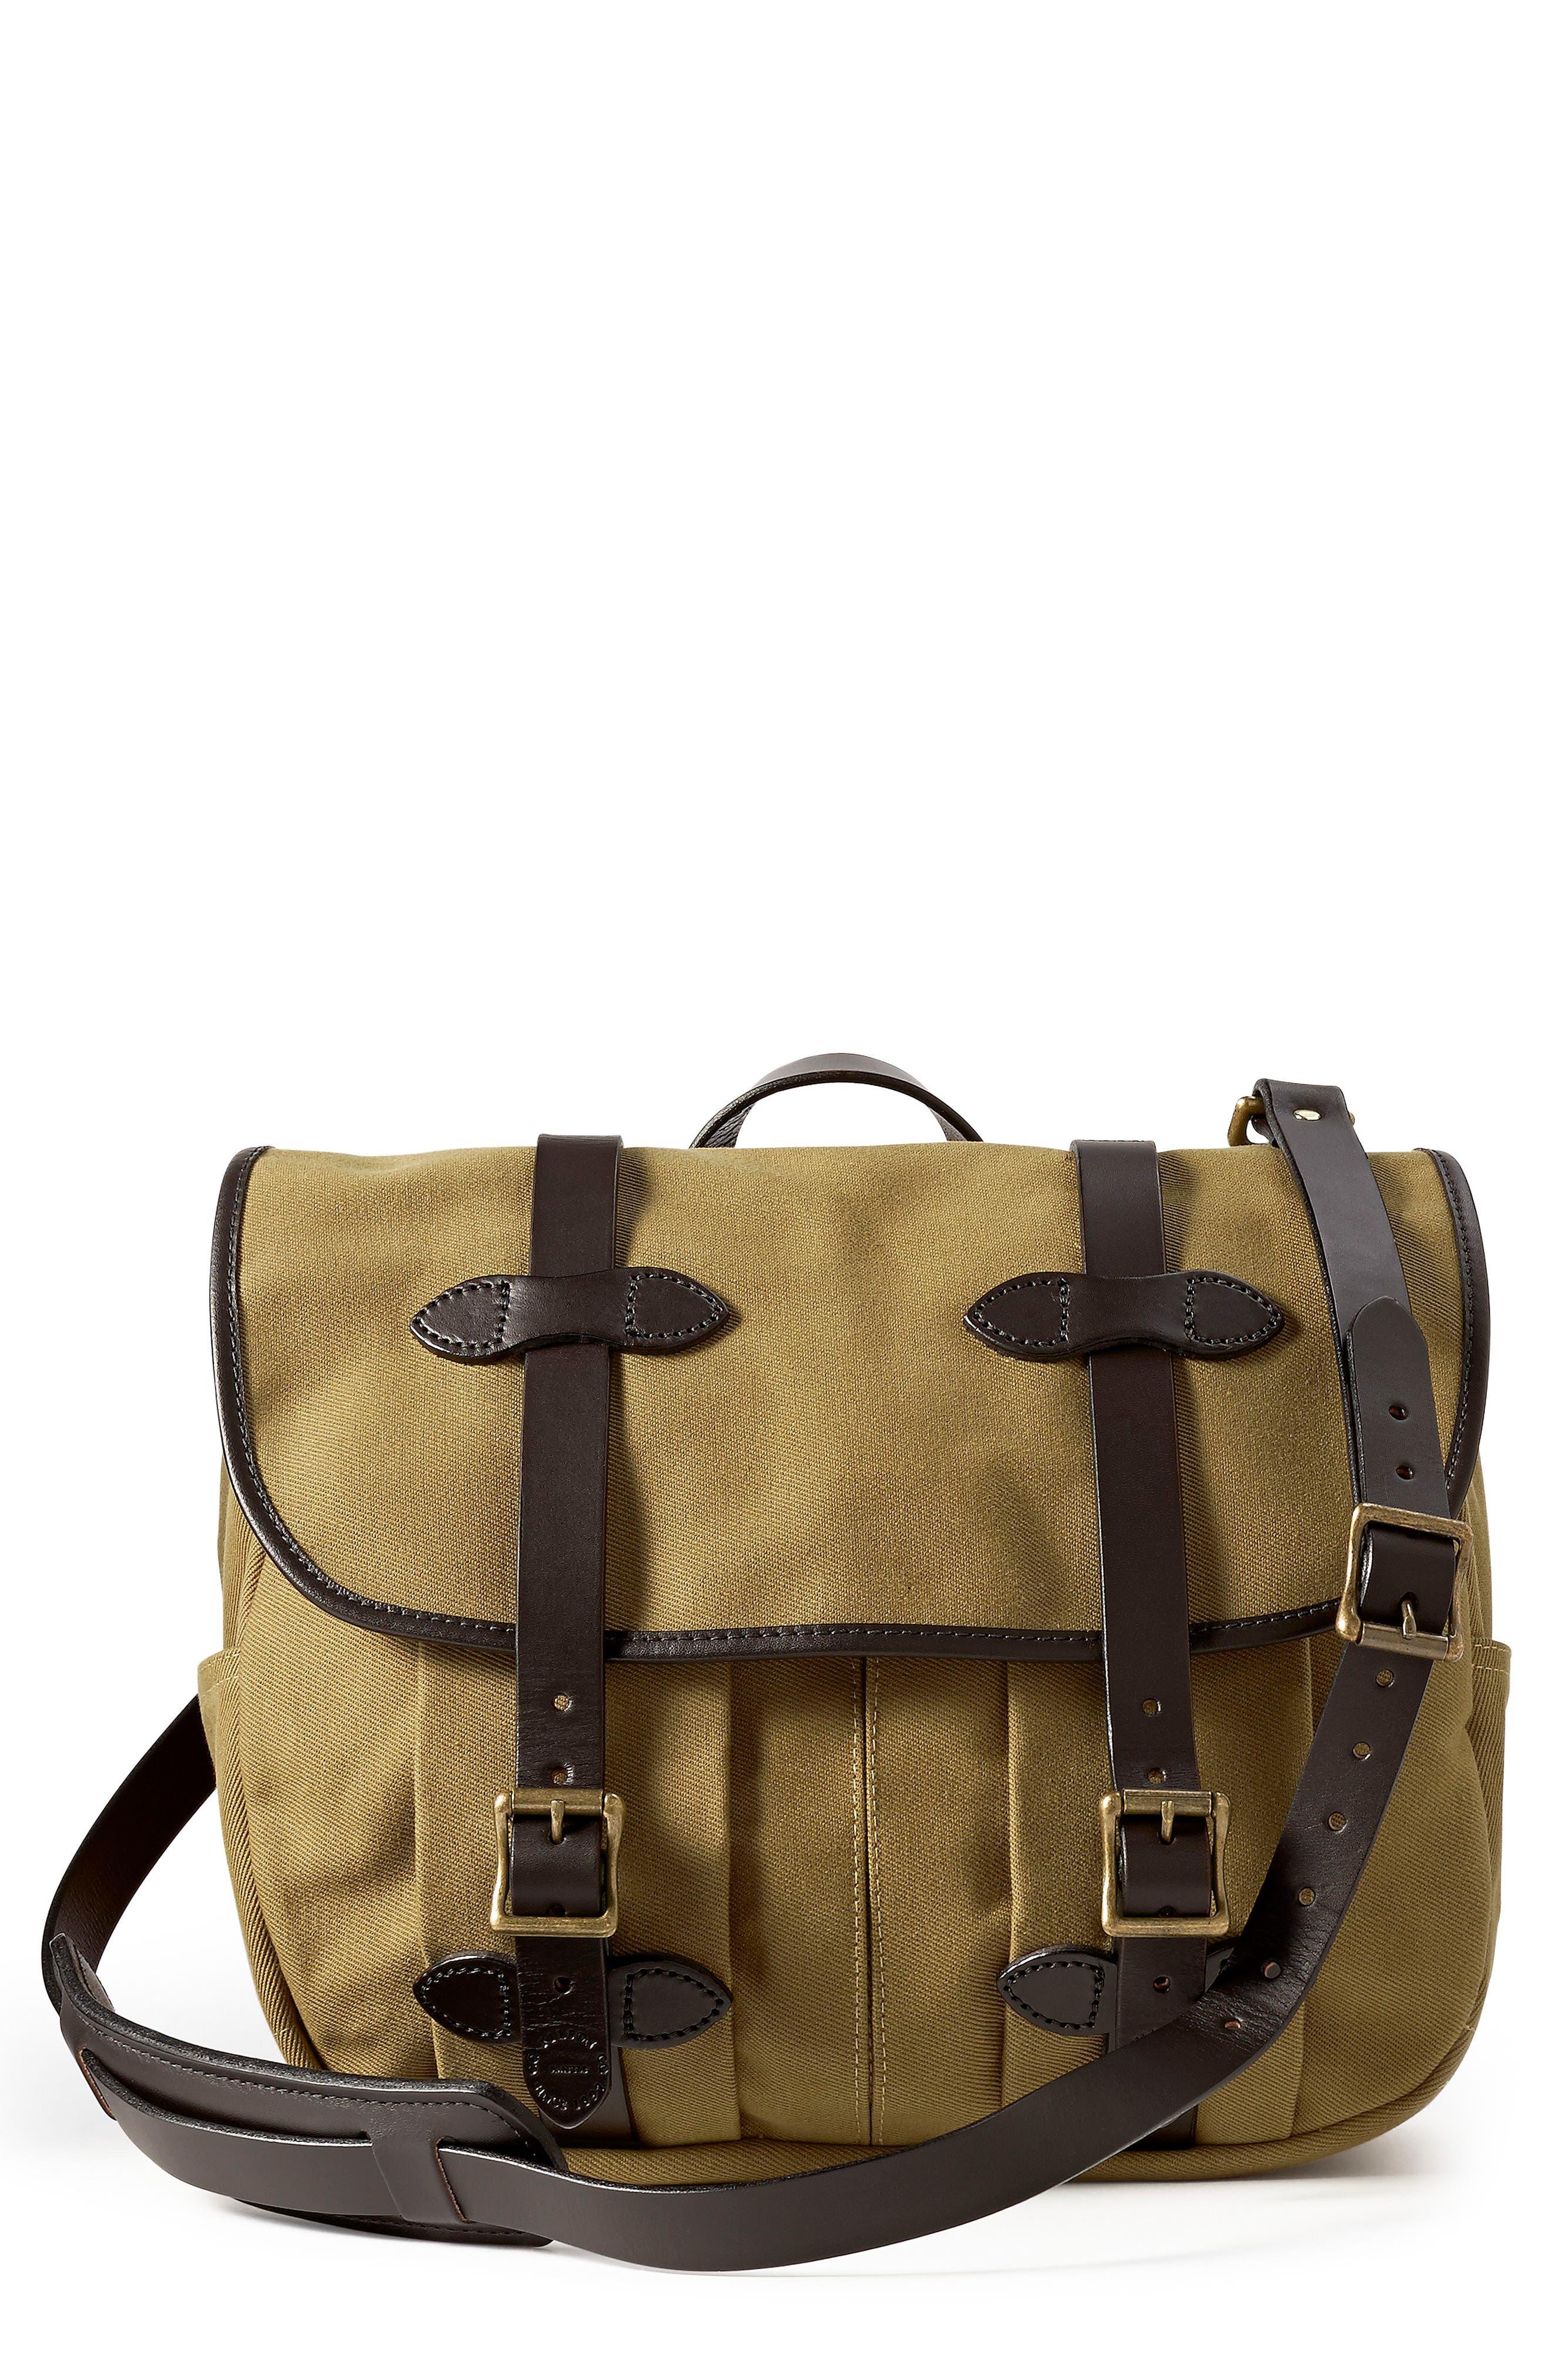 Medium Field Bag,                             Main thumbnail 1, color,                             TAN